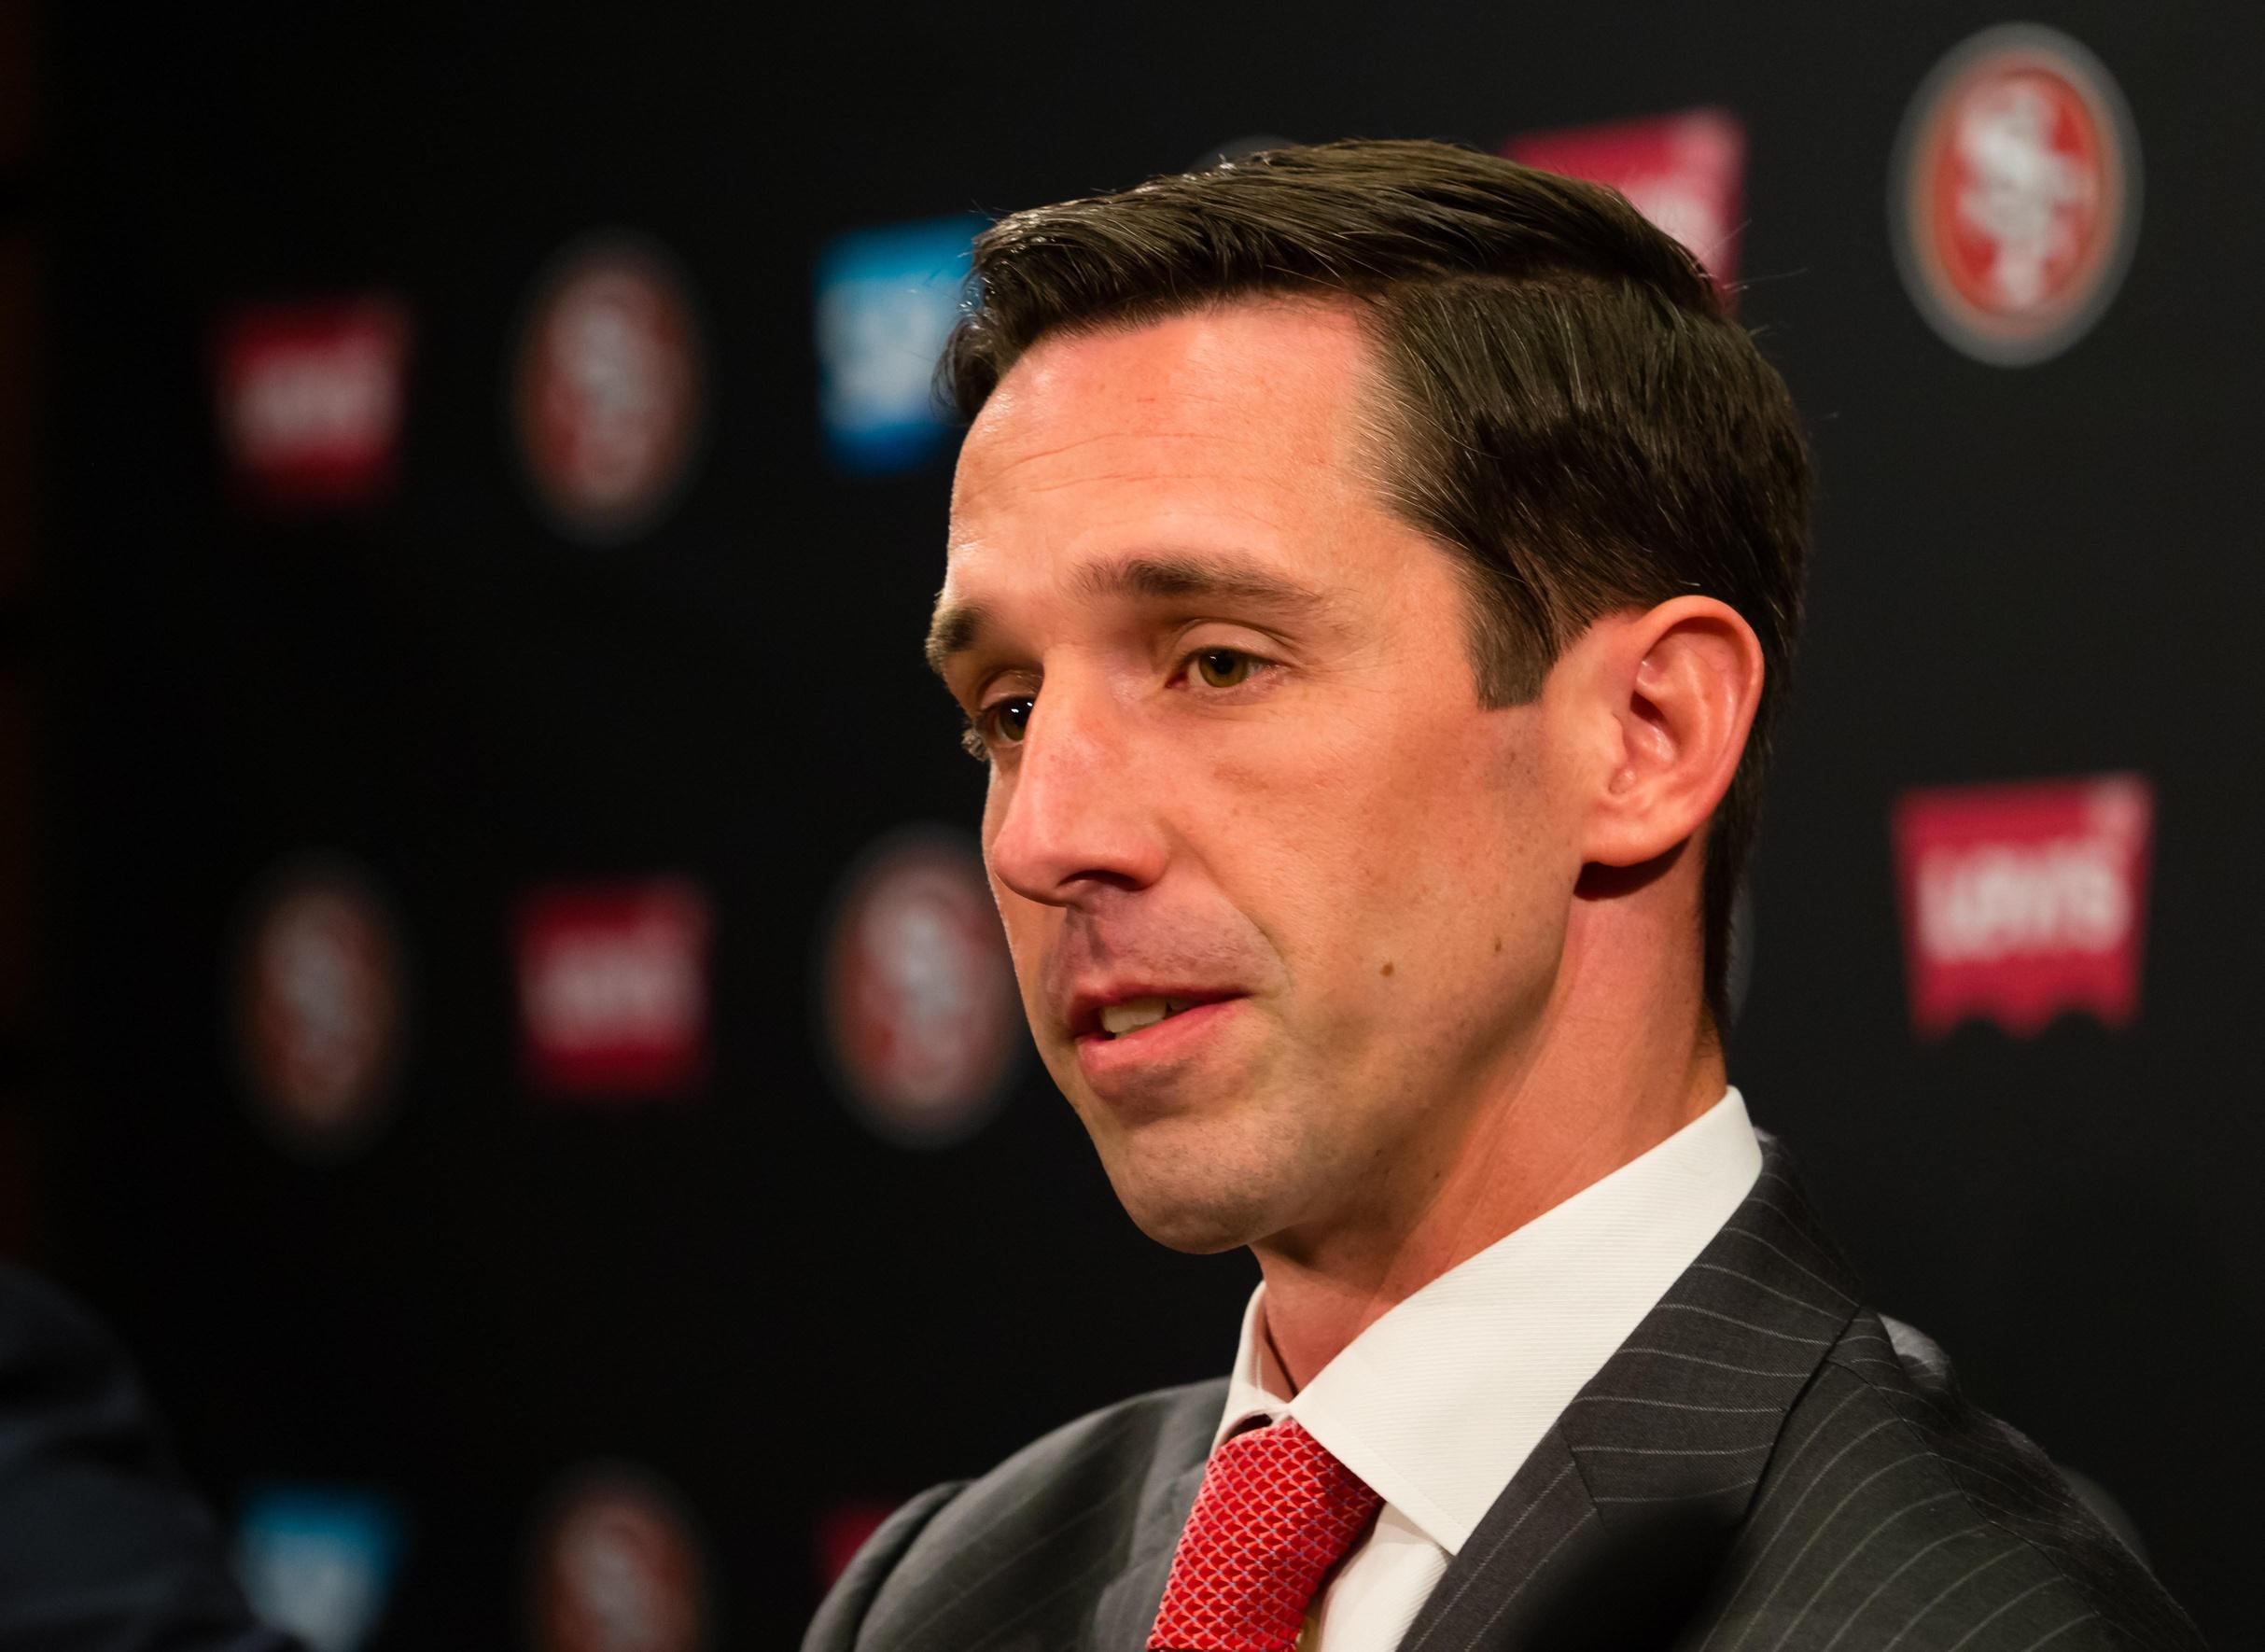 Feb 9, 2017; Santa Clara, CA, USA; San Francisco 49ers head coach Kyle Shanahan during a press conference at Levi's Stadium. Mandatory Credit: Kelley L Cox-USA TODAY Sports